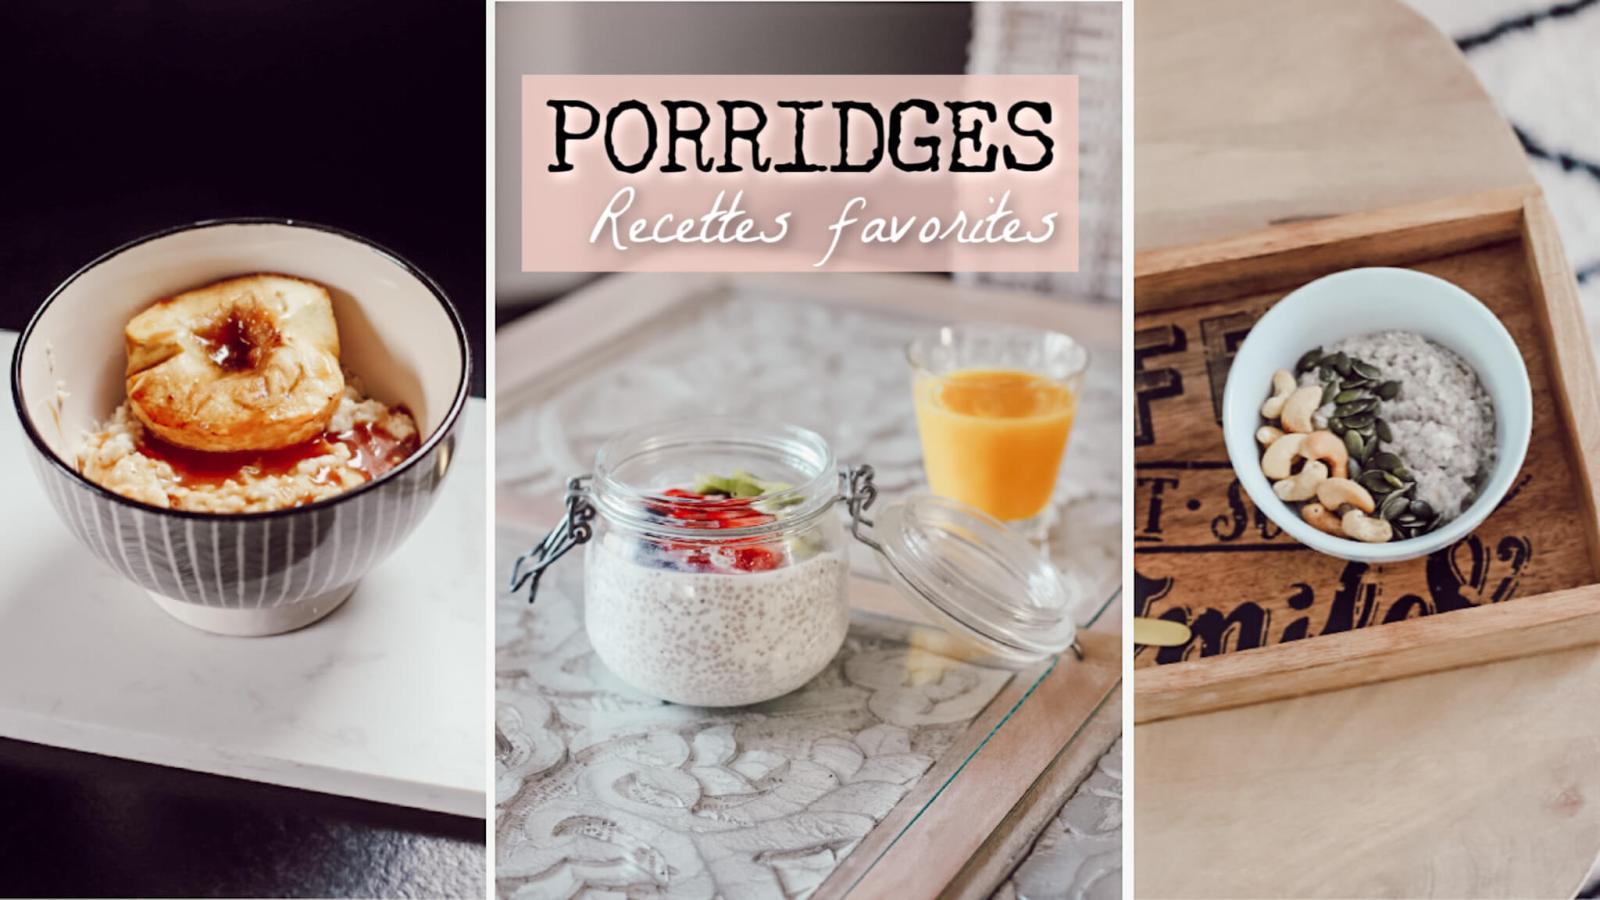 porridges recettes